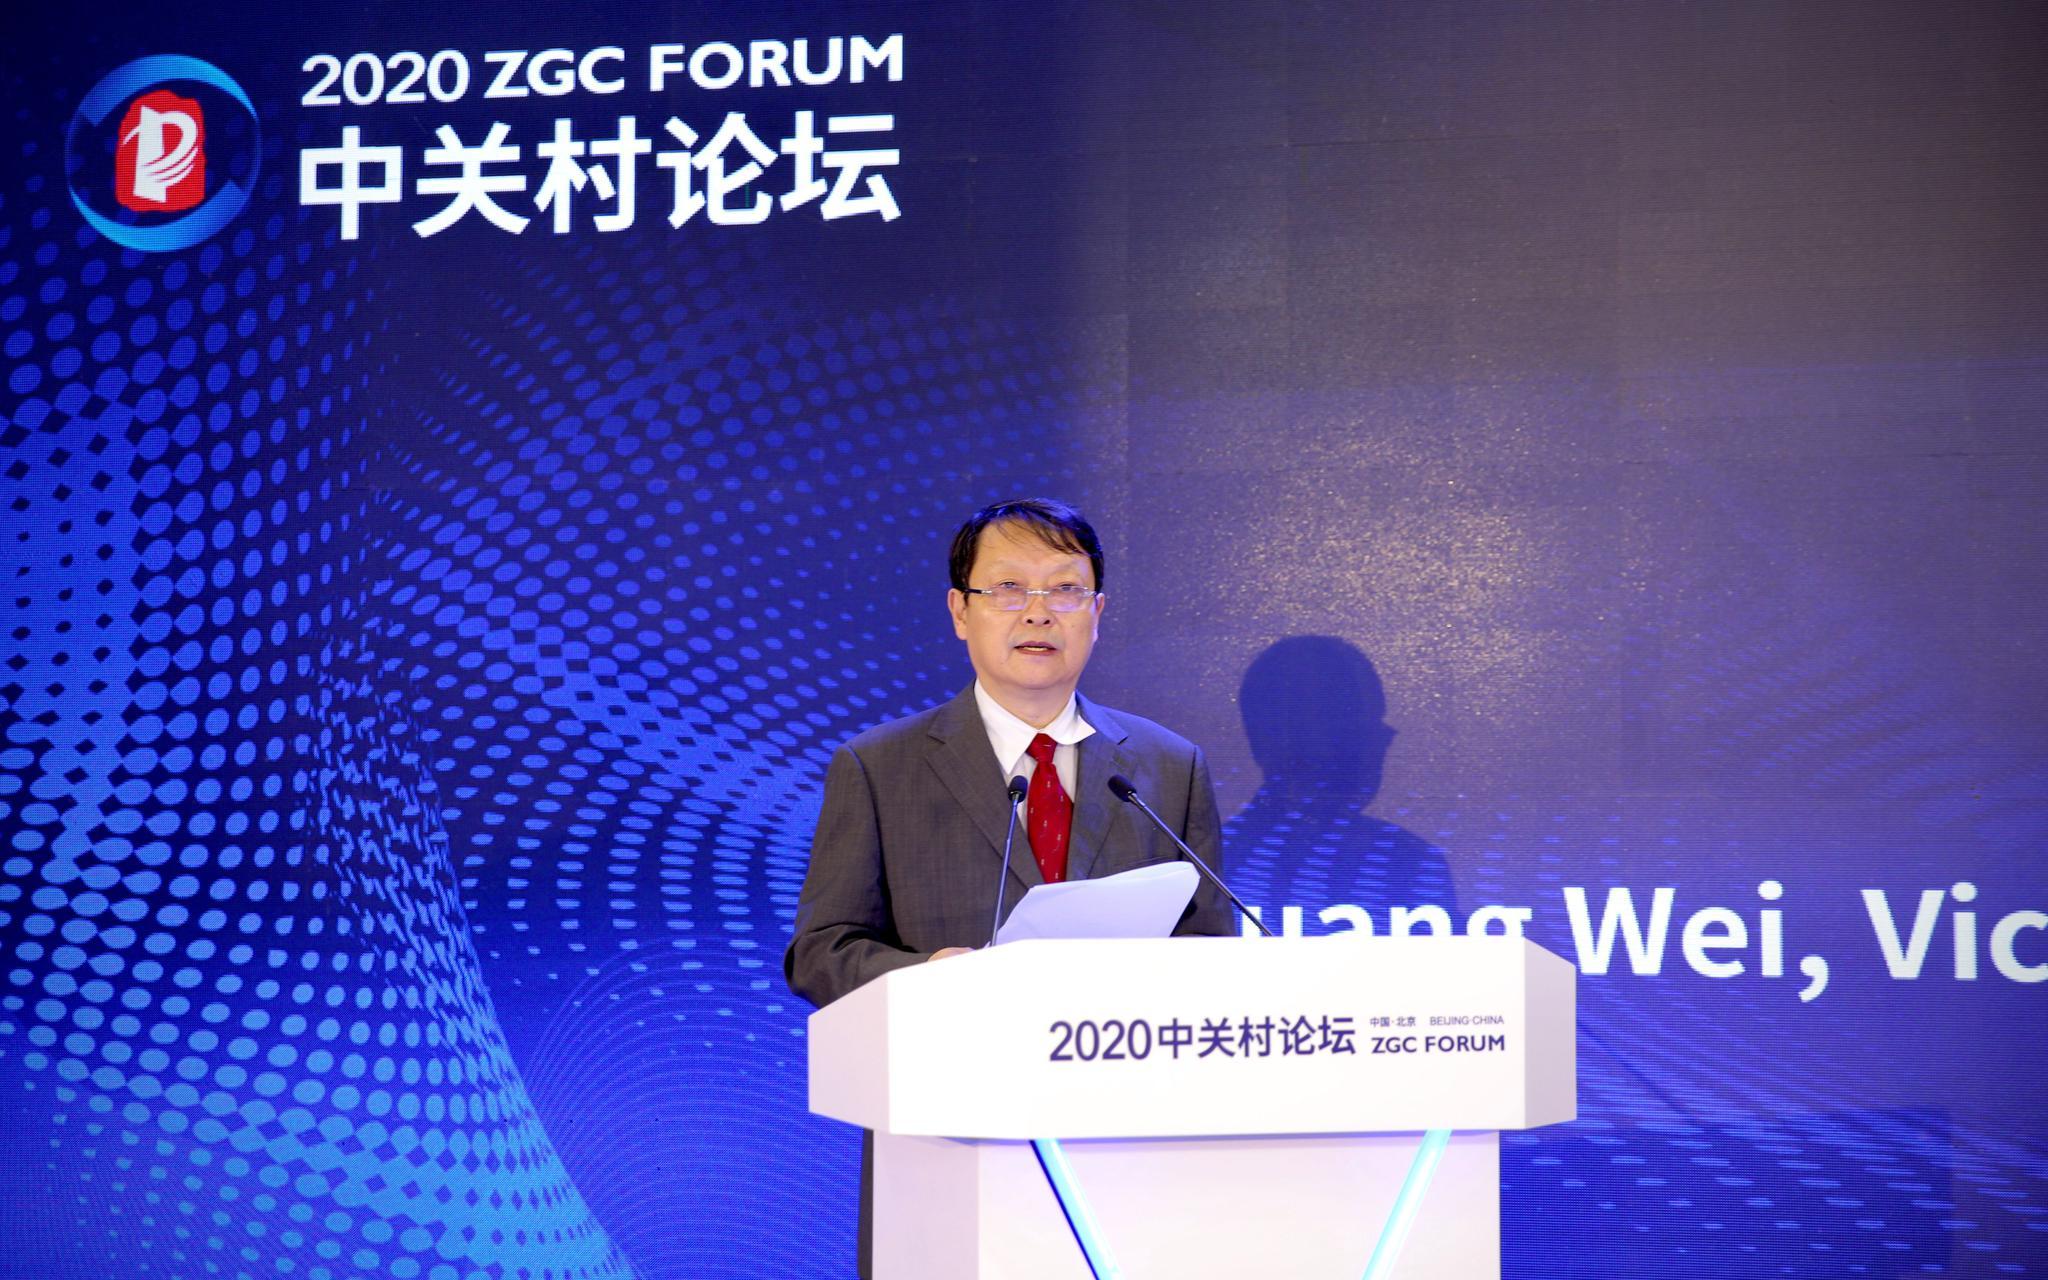 科技部副部长黄卫发表致辞。新京报记者 郑新洽 摄